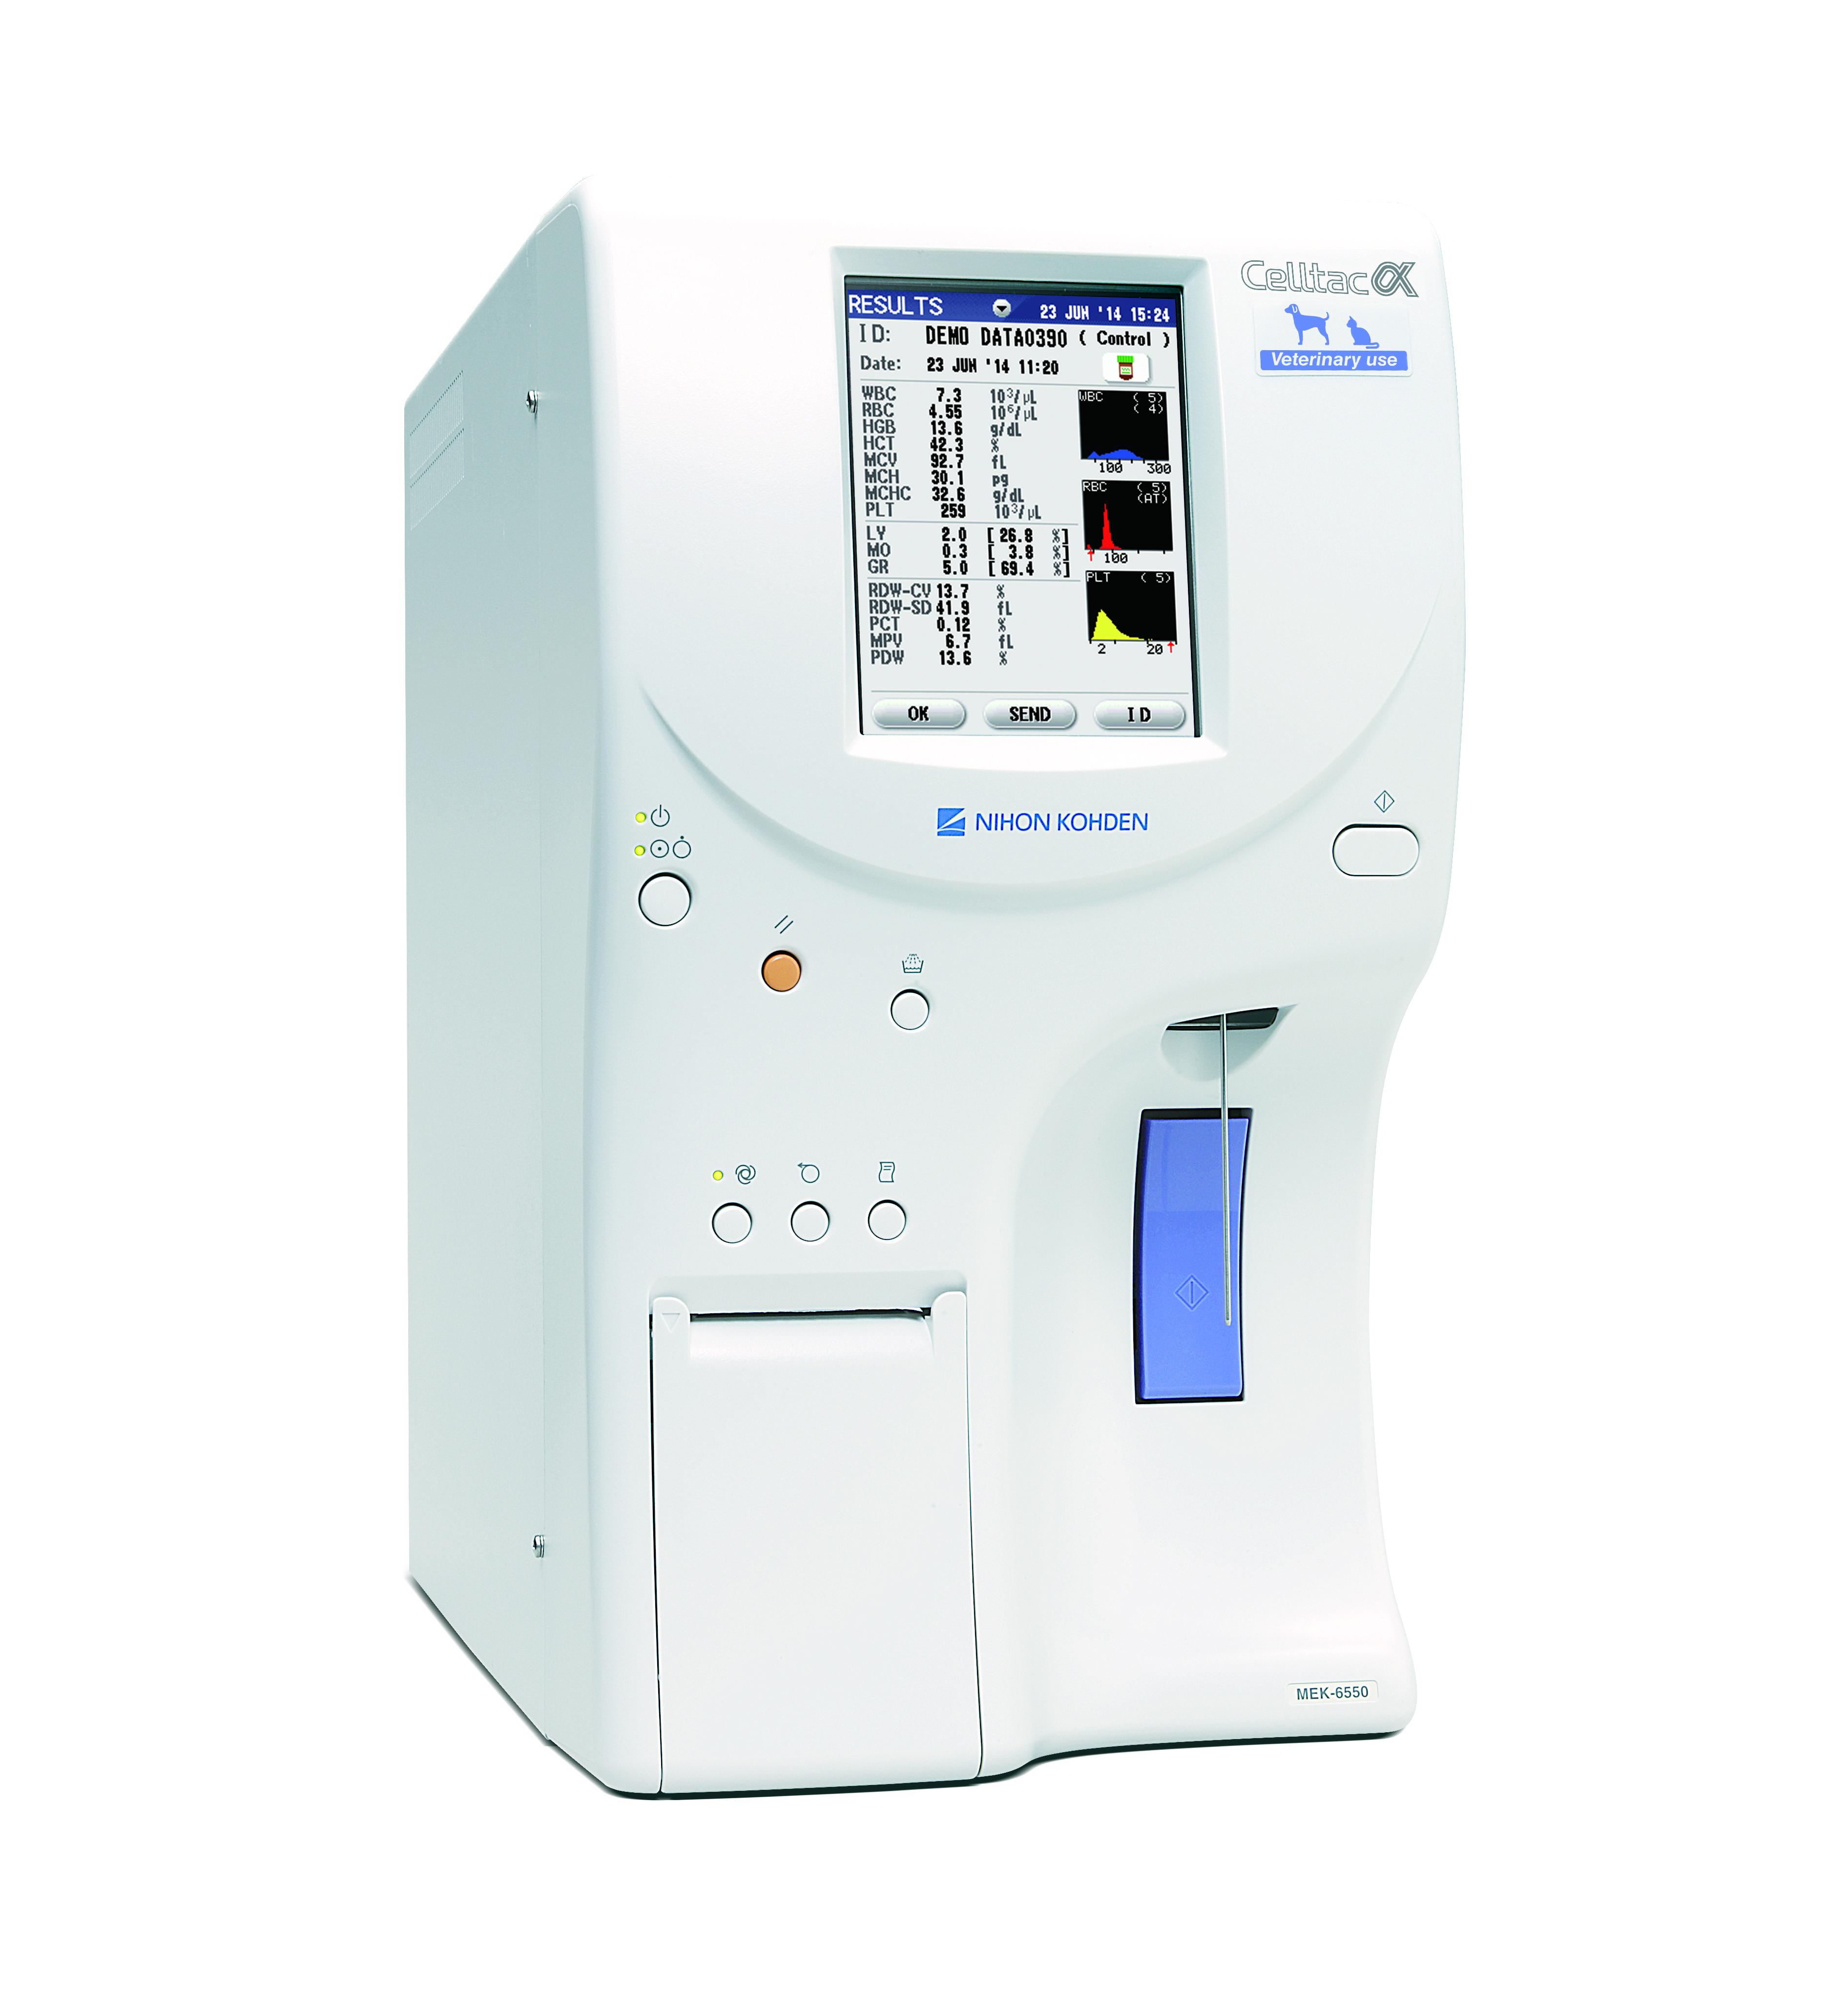 анализатор гематологический мек-640 инструкция